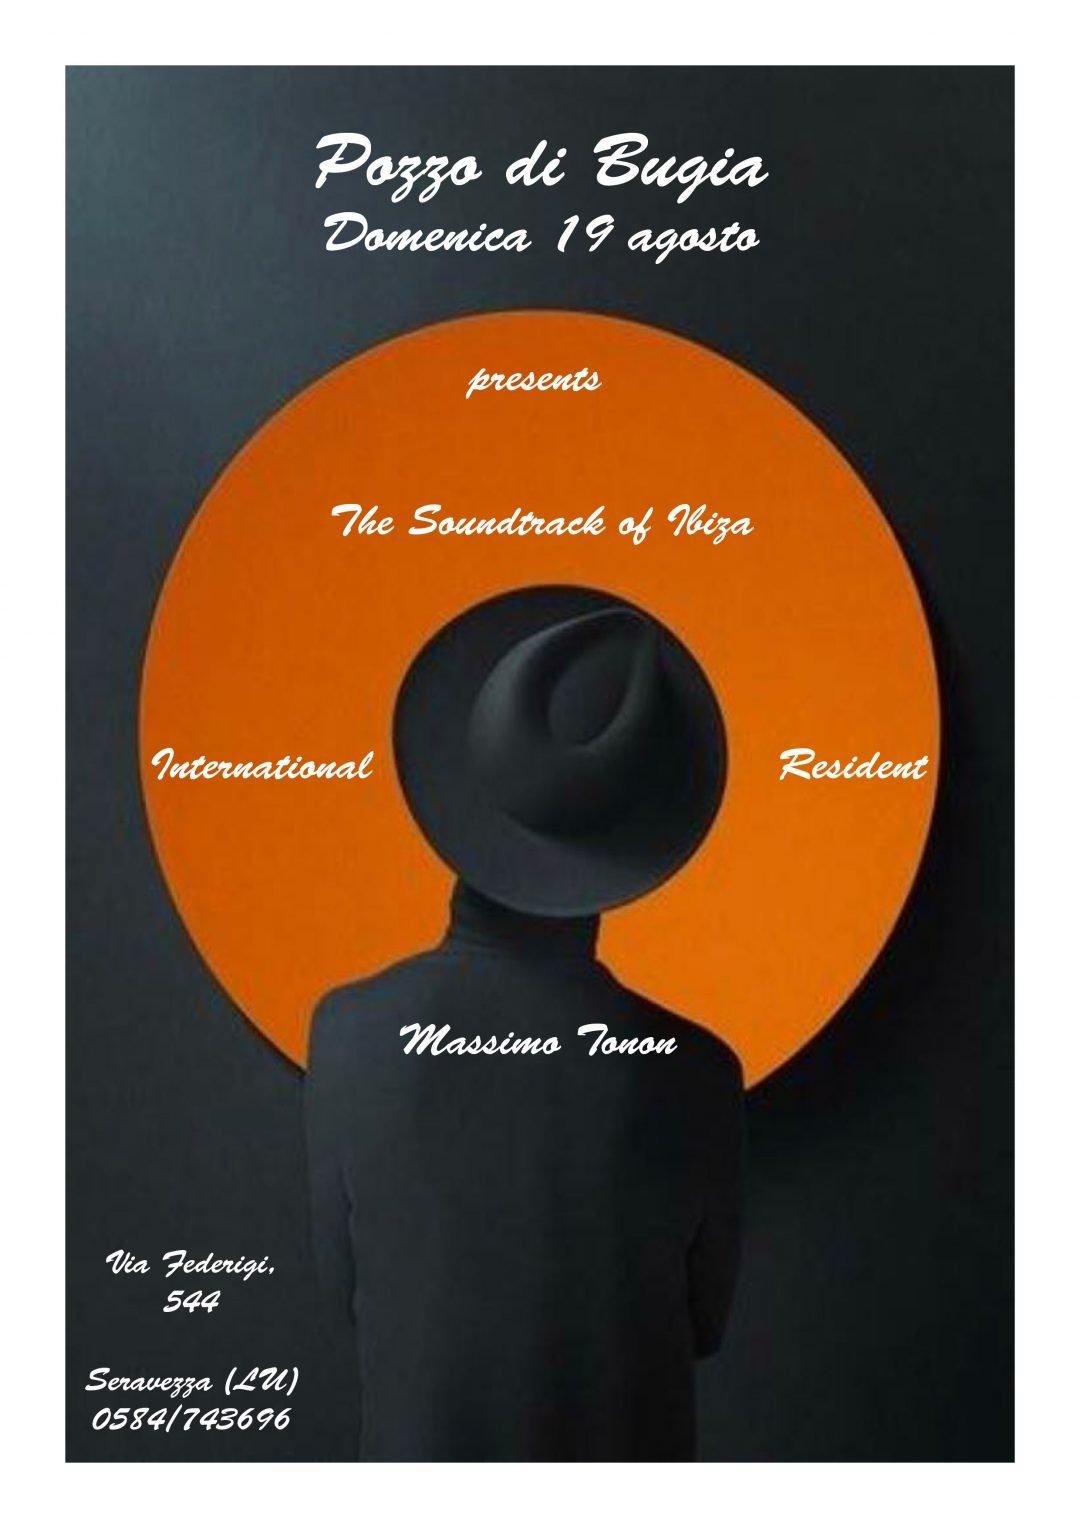 The Soundtrack of Ibiza: 19 agosto